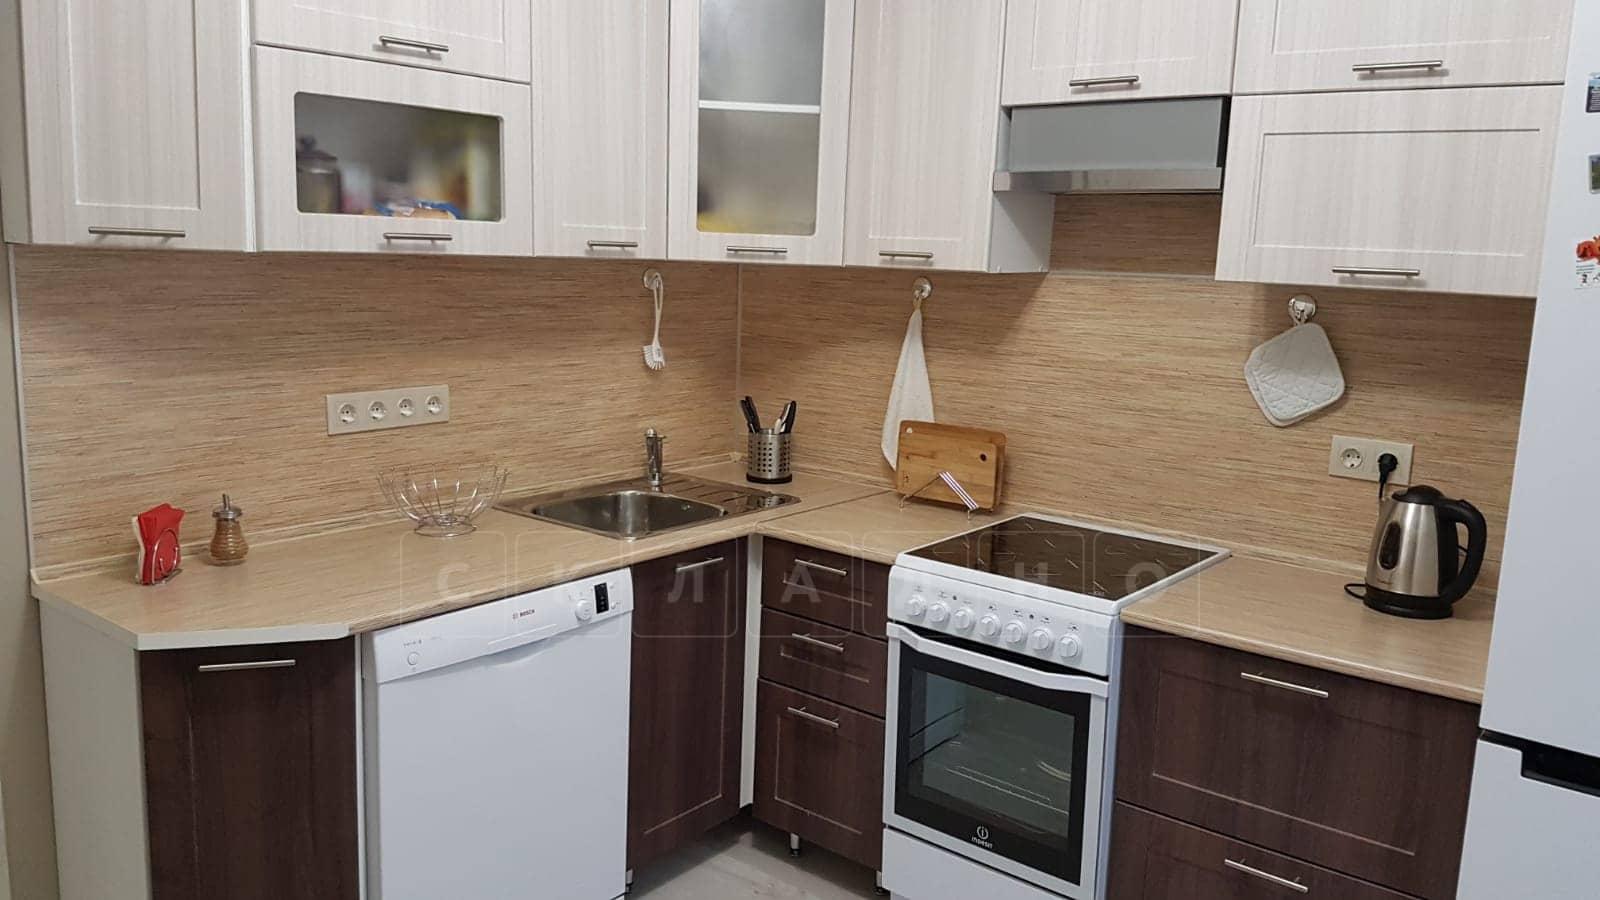 Кухонный гарнитур Лофт 2,0 м фото 4 | интернет-магазин Складно